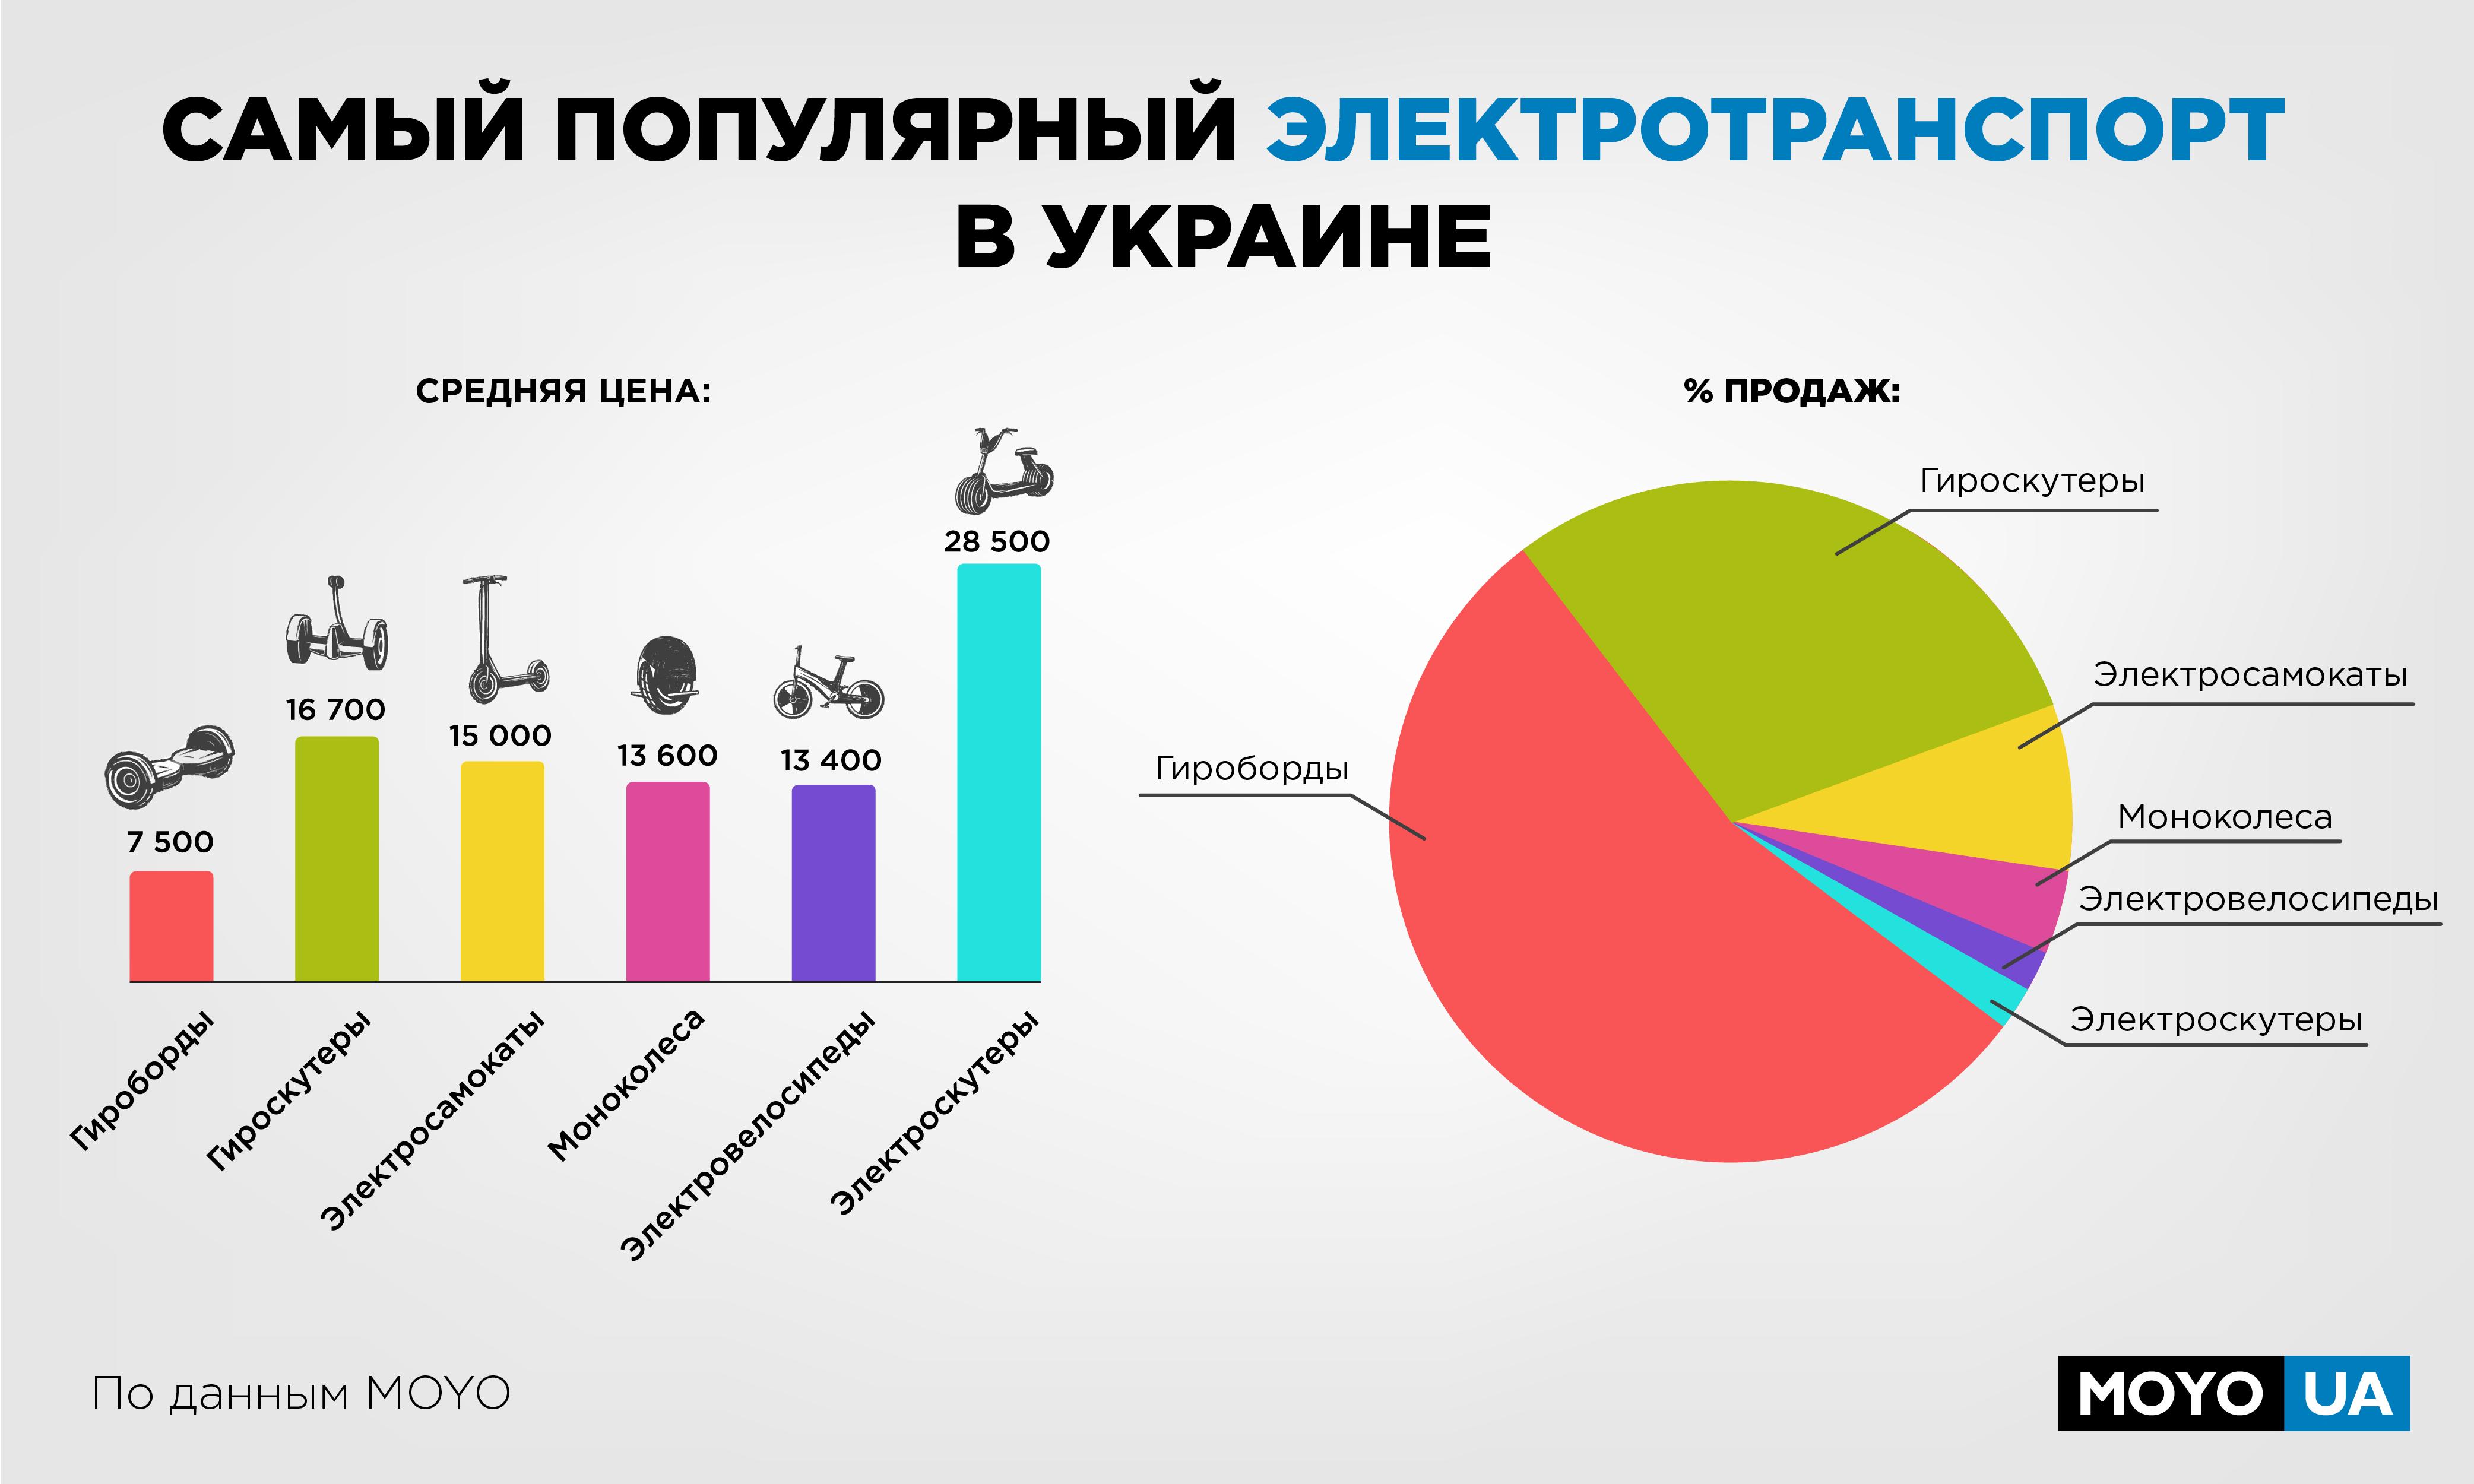 Какой электротранспорт самый популярный в Украине